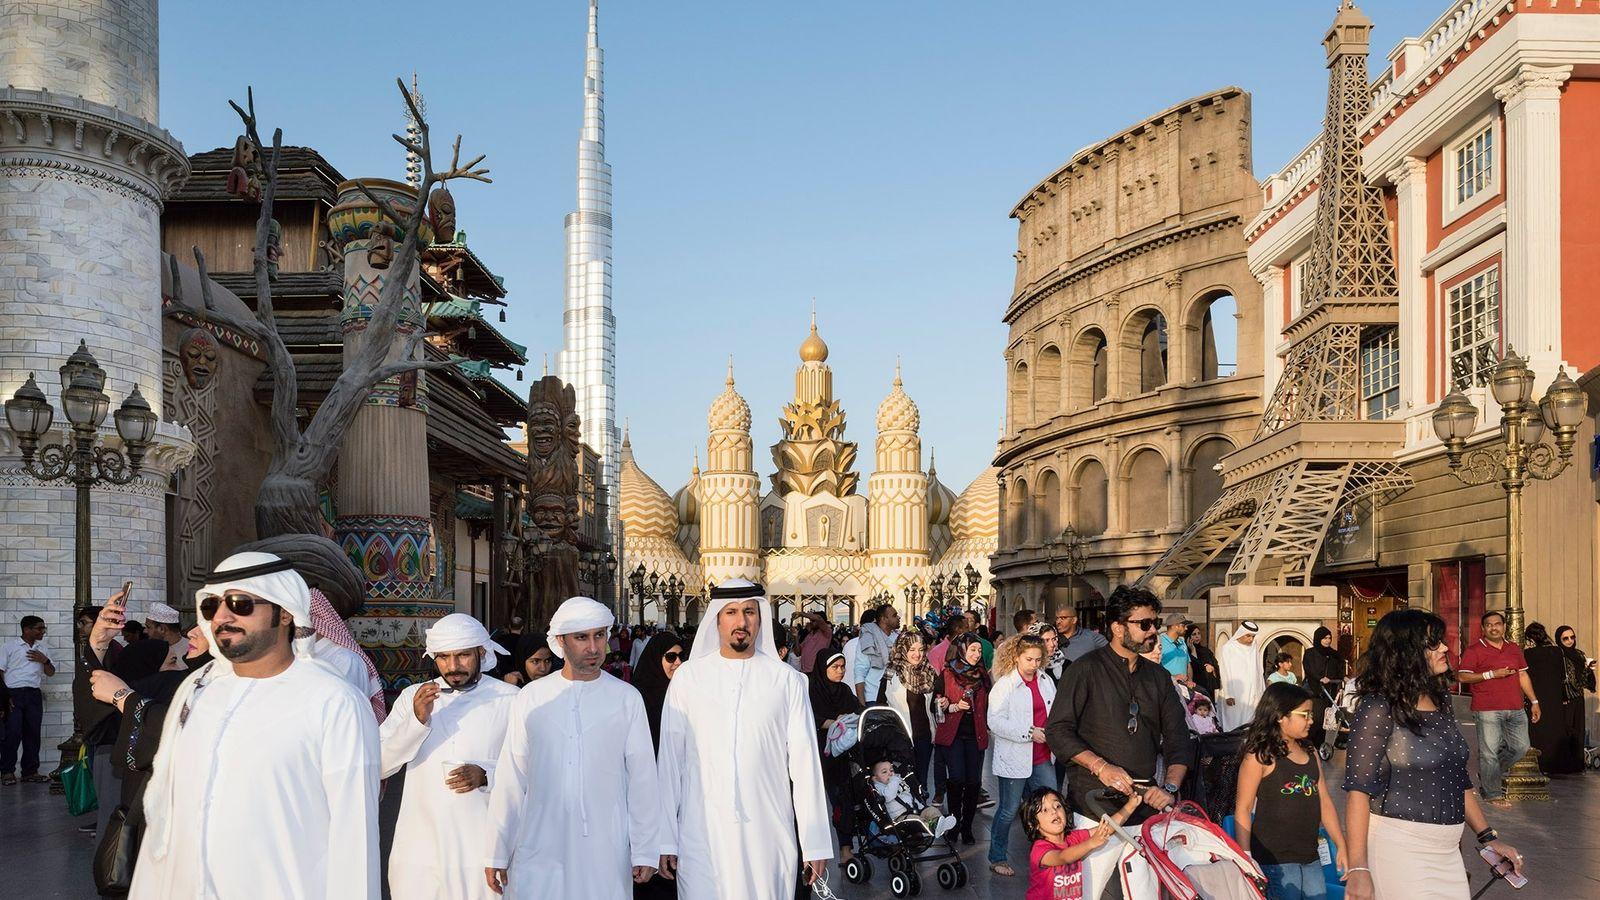 O Global Village, em Dubai, é um parque multicultural bom para compras e entretenimento.